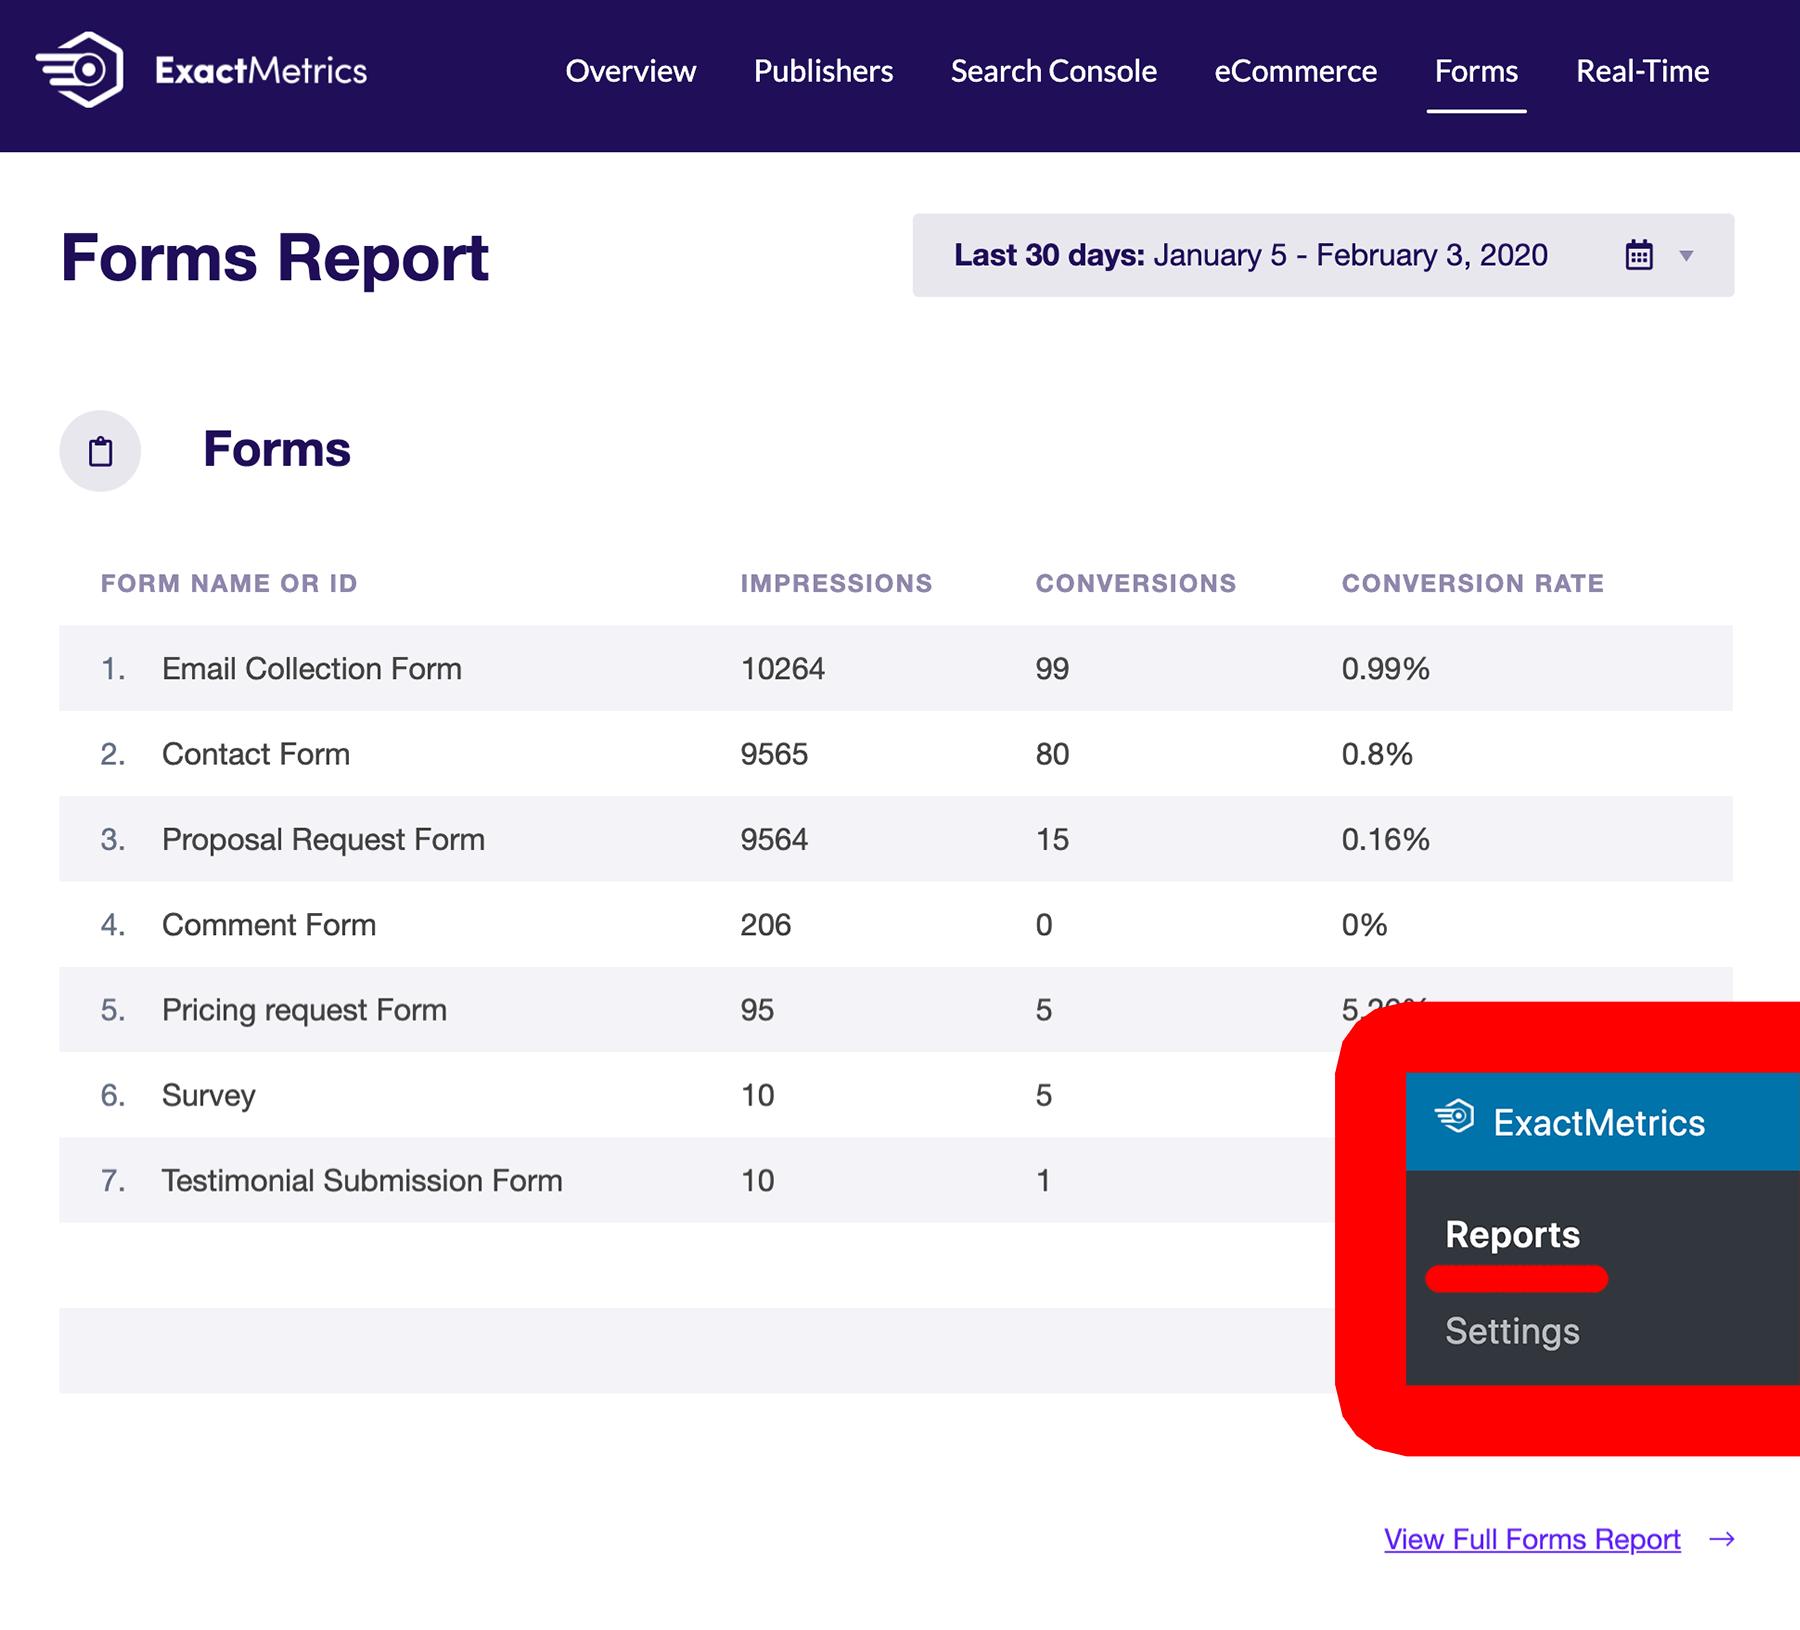 exactmetrics-forms-report